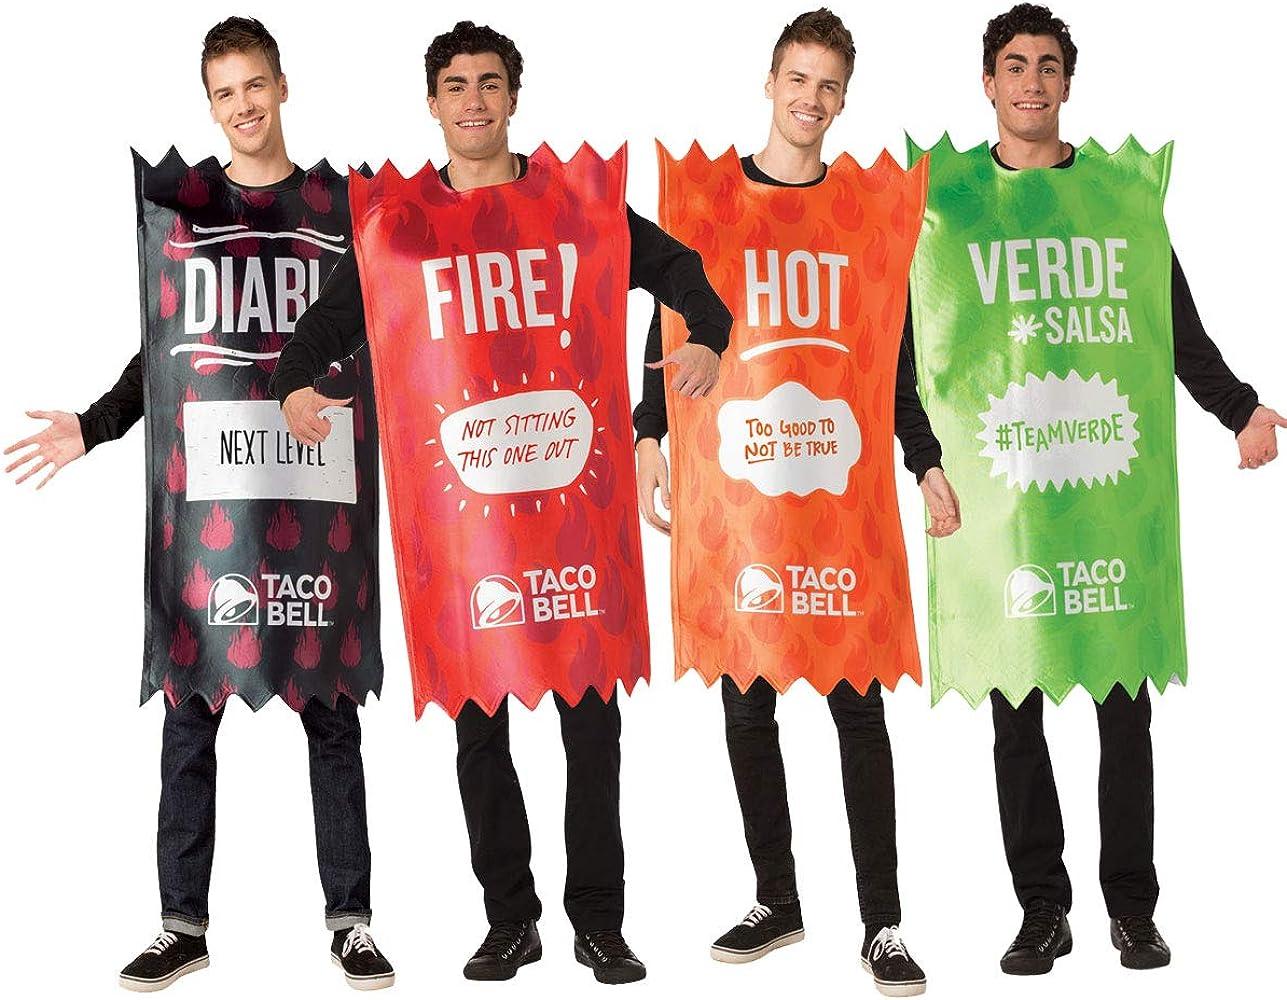 Juego de Disfraz de Salsa Picante Taco Bell: Amazon.es: Ropa y ...